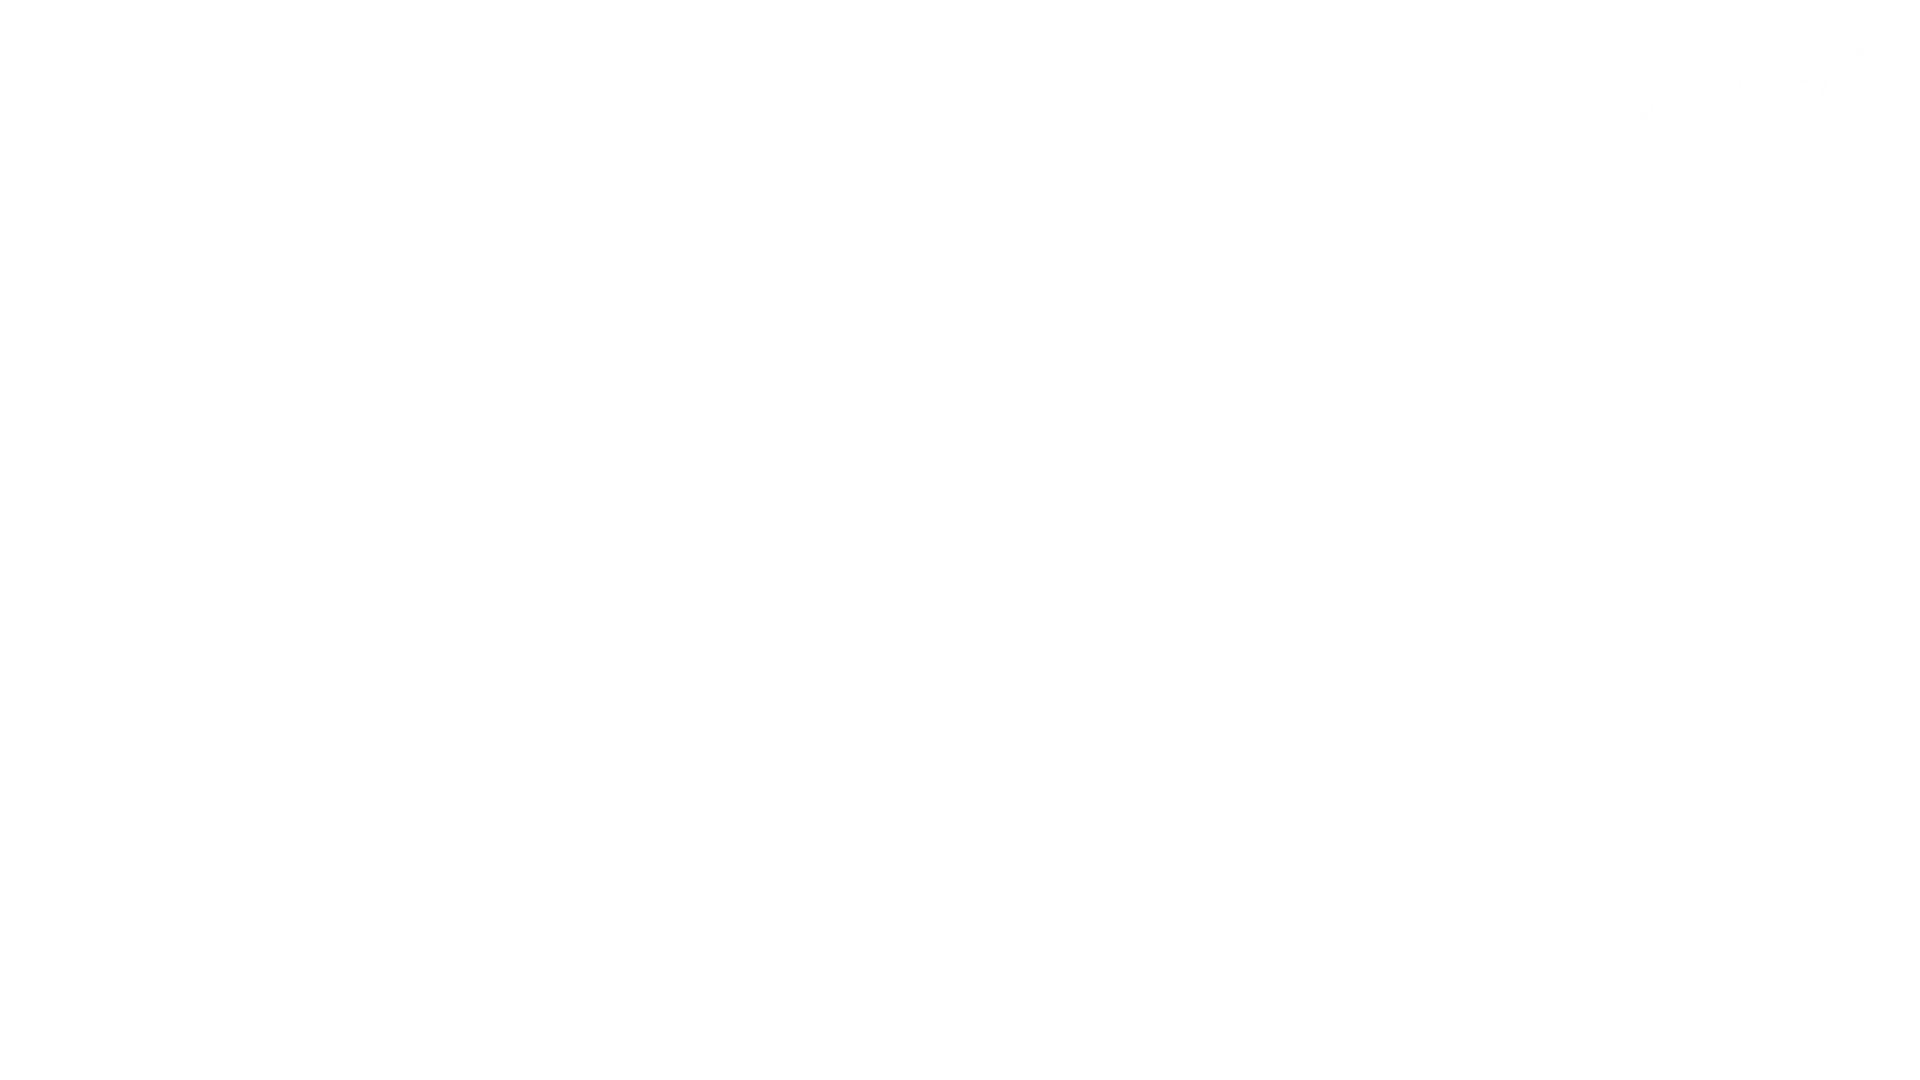 ▲復活限定▲ハイビジョン 盗神伝 Vol.31 エッチなOL  103枚 98